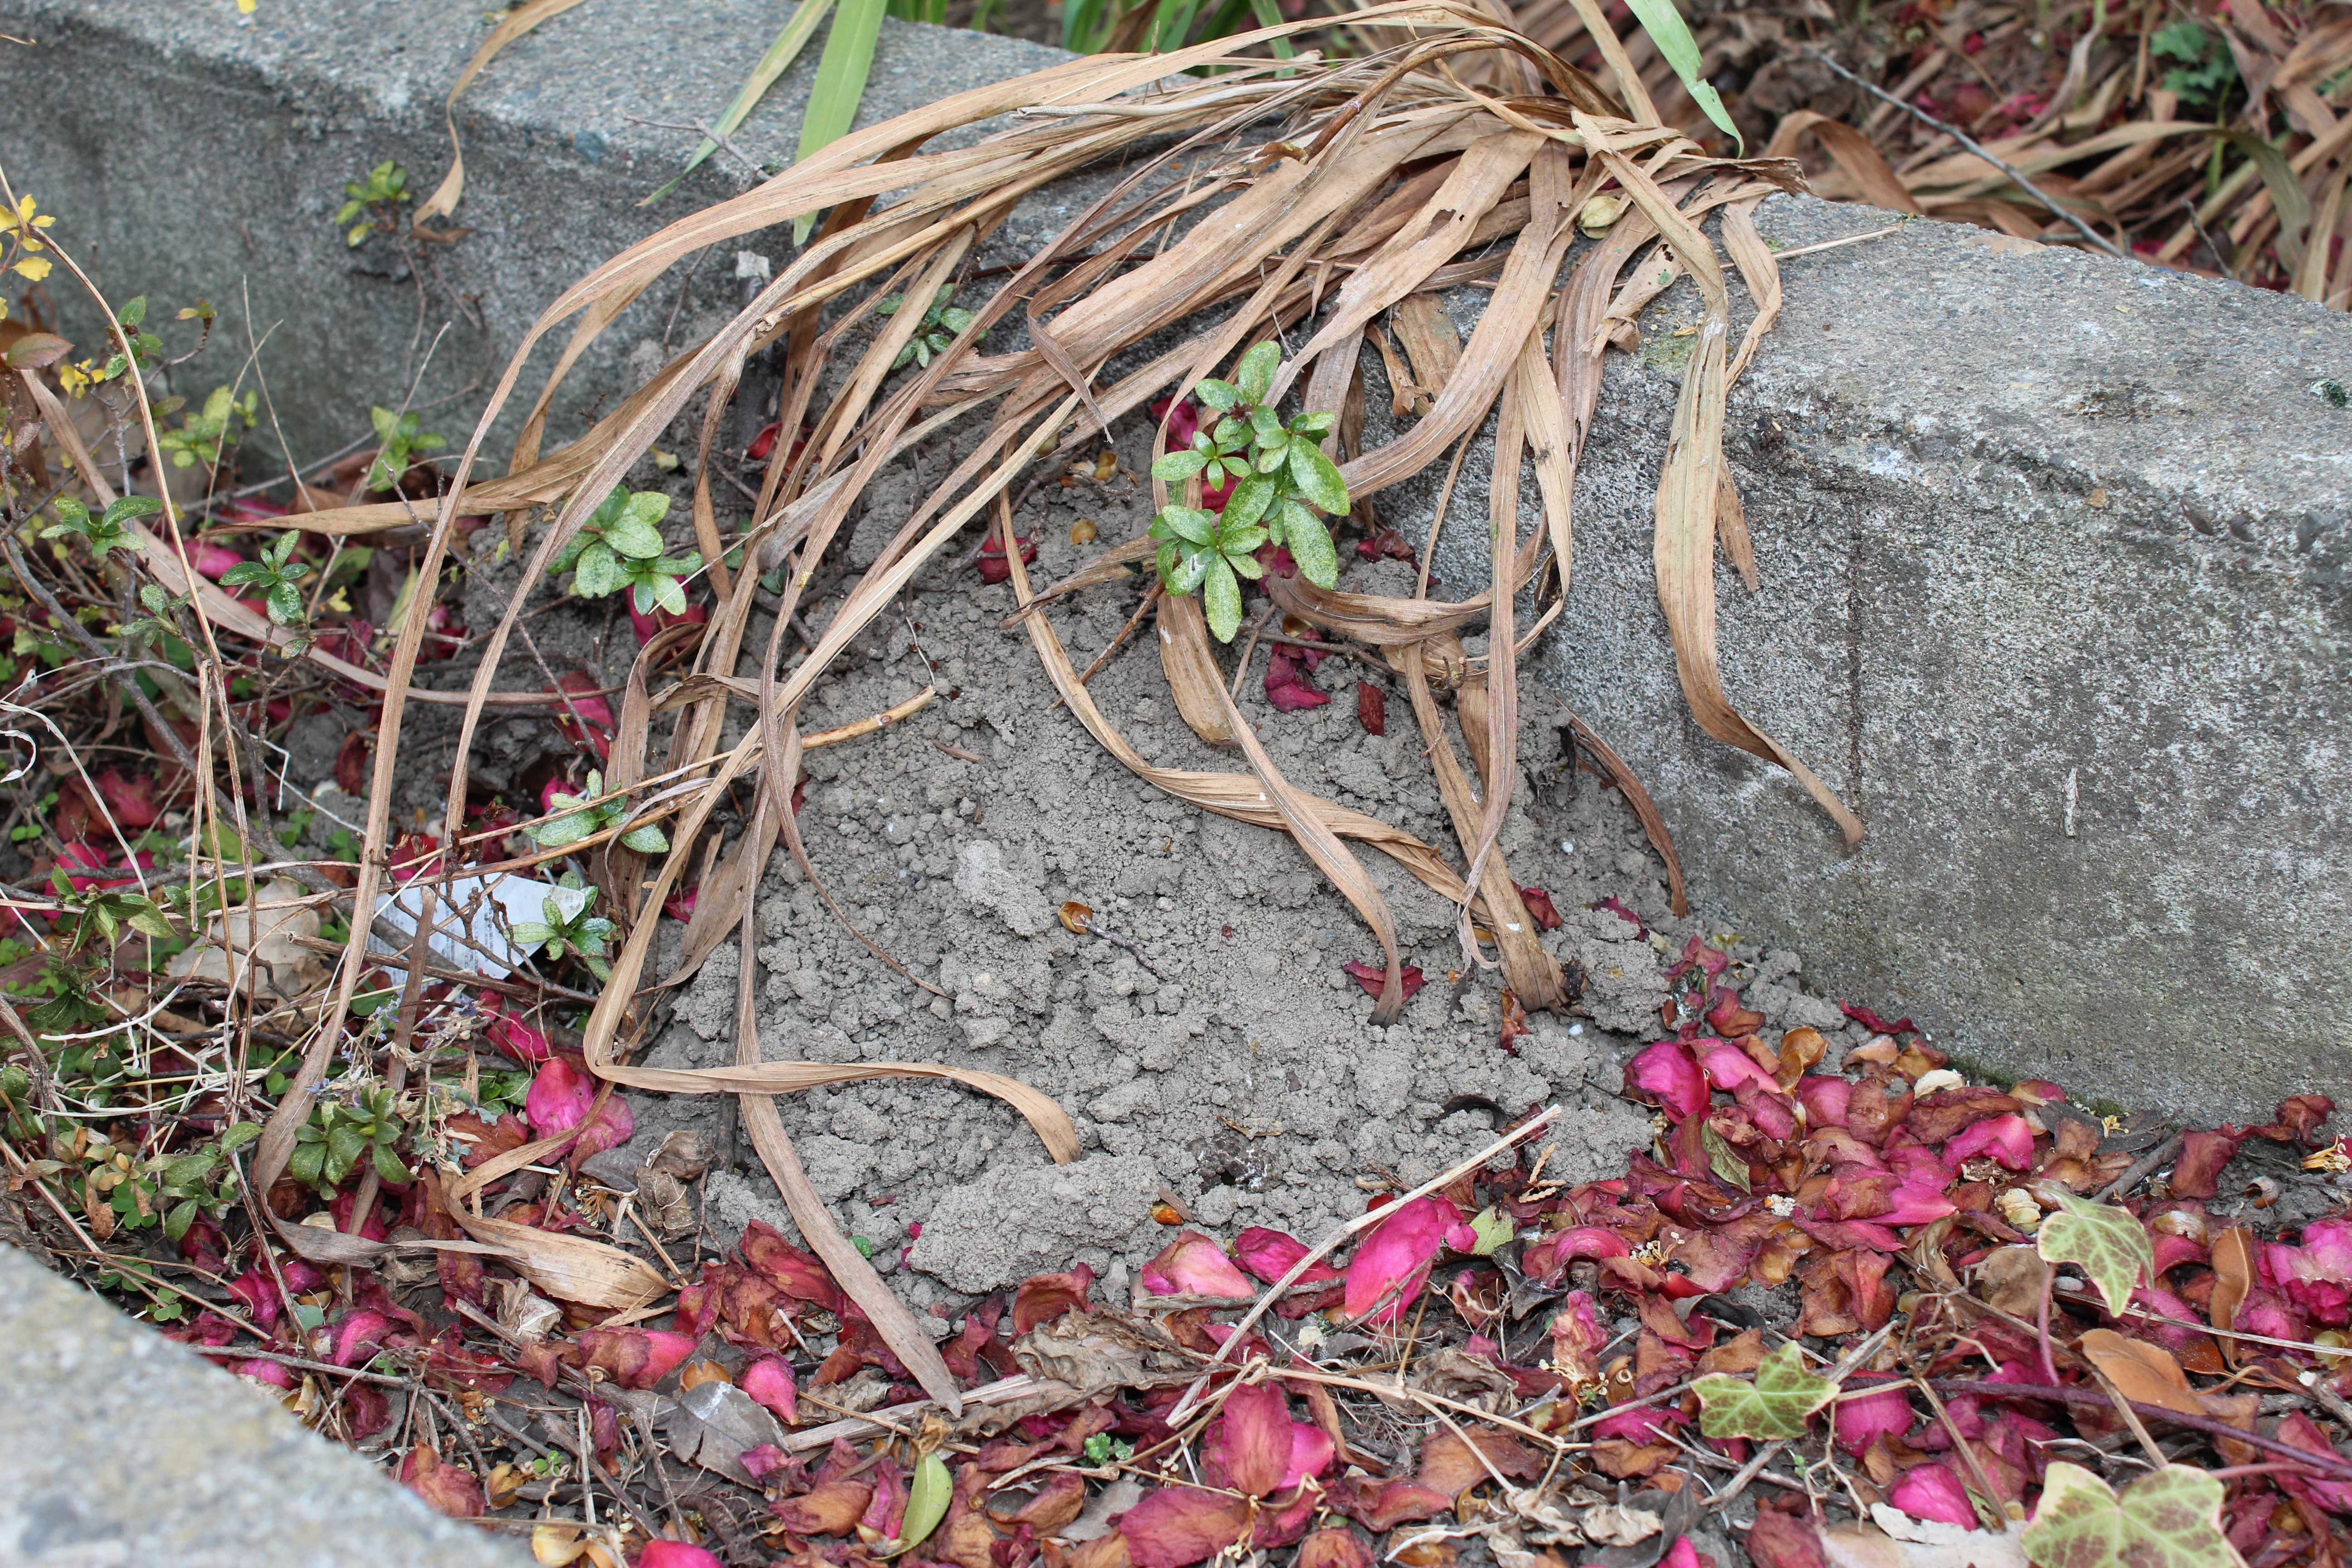 冬の風物詩になっている、モグラ塚が今年もたくさん盛り上がっています。